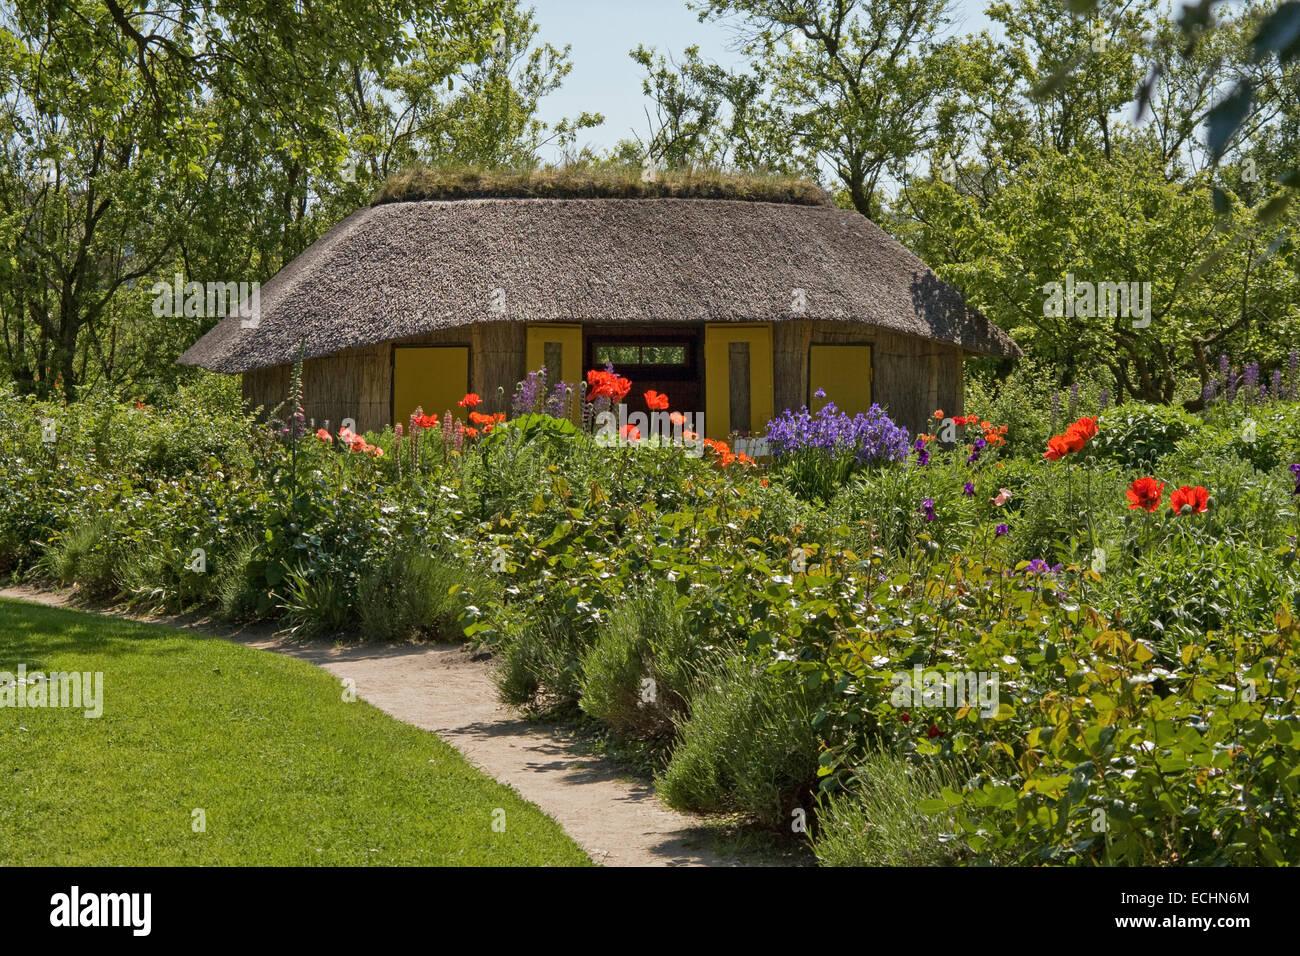 Europe, Germany, Schleswig Holstein, Neukirchen, Seebuell, Nolde Foundation, the garden with garden cottage - Stock Image